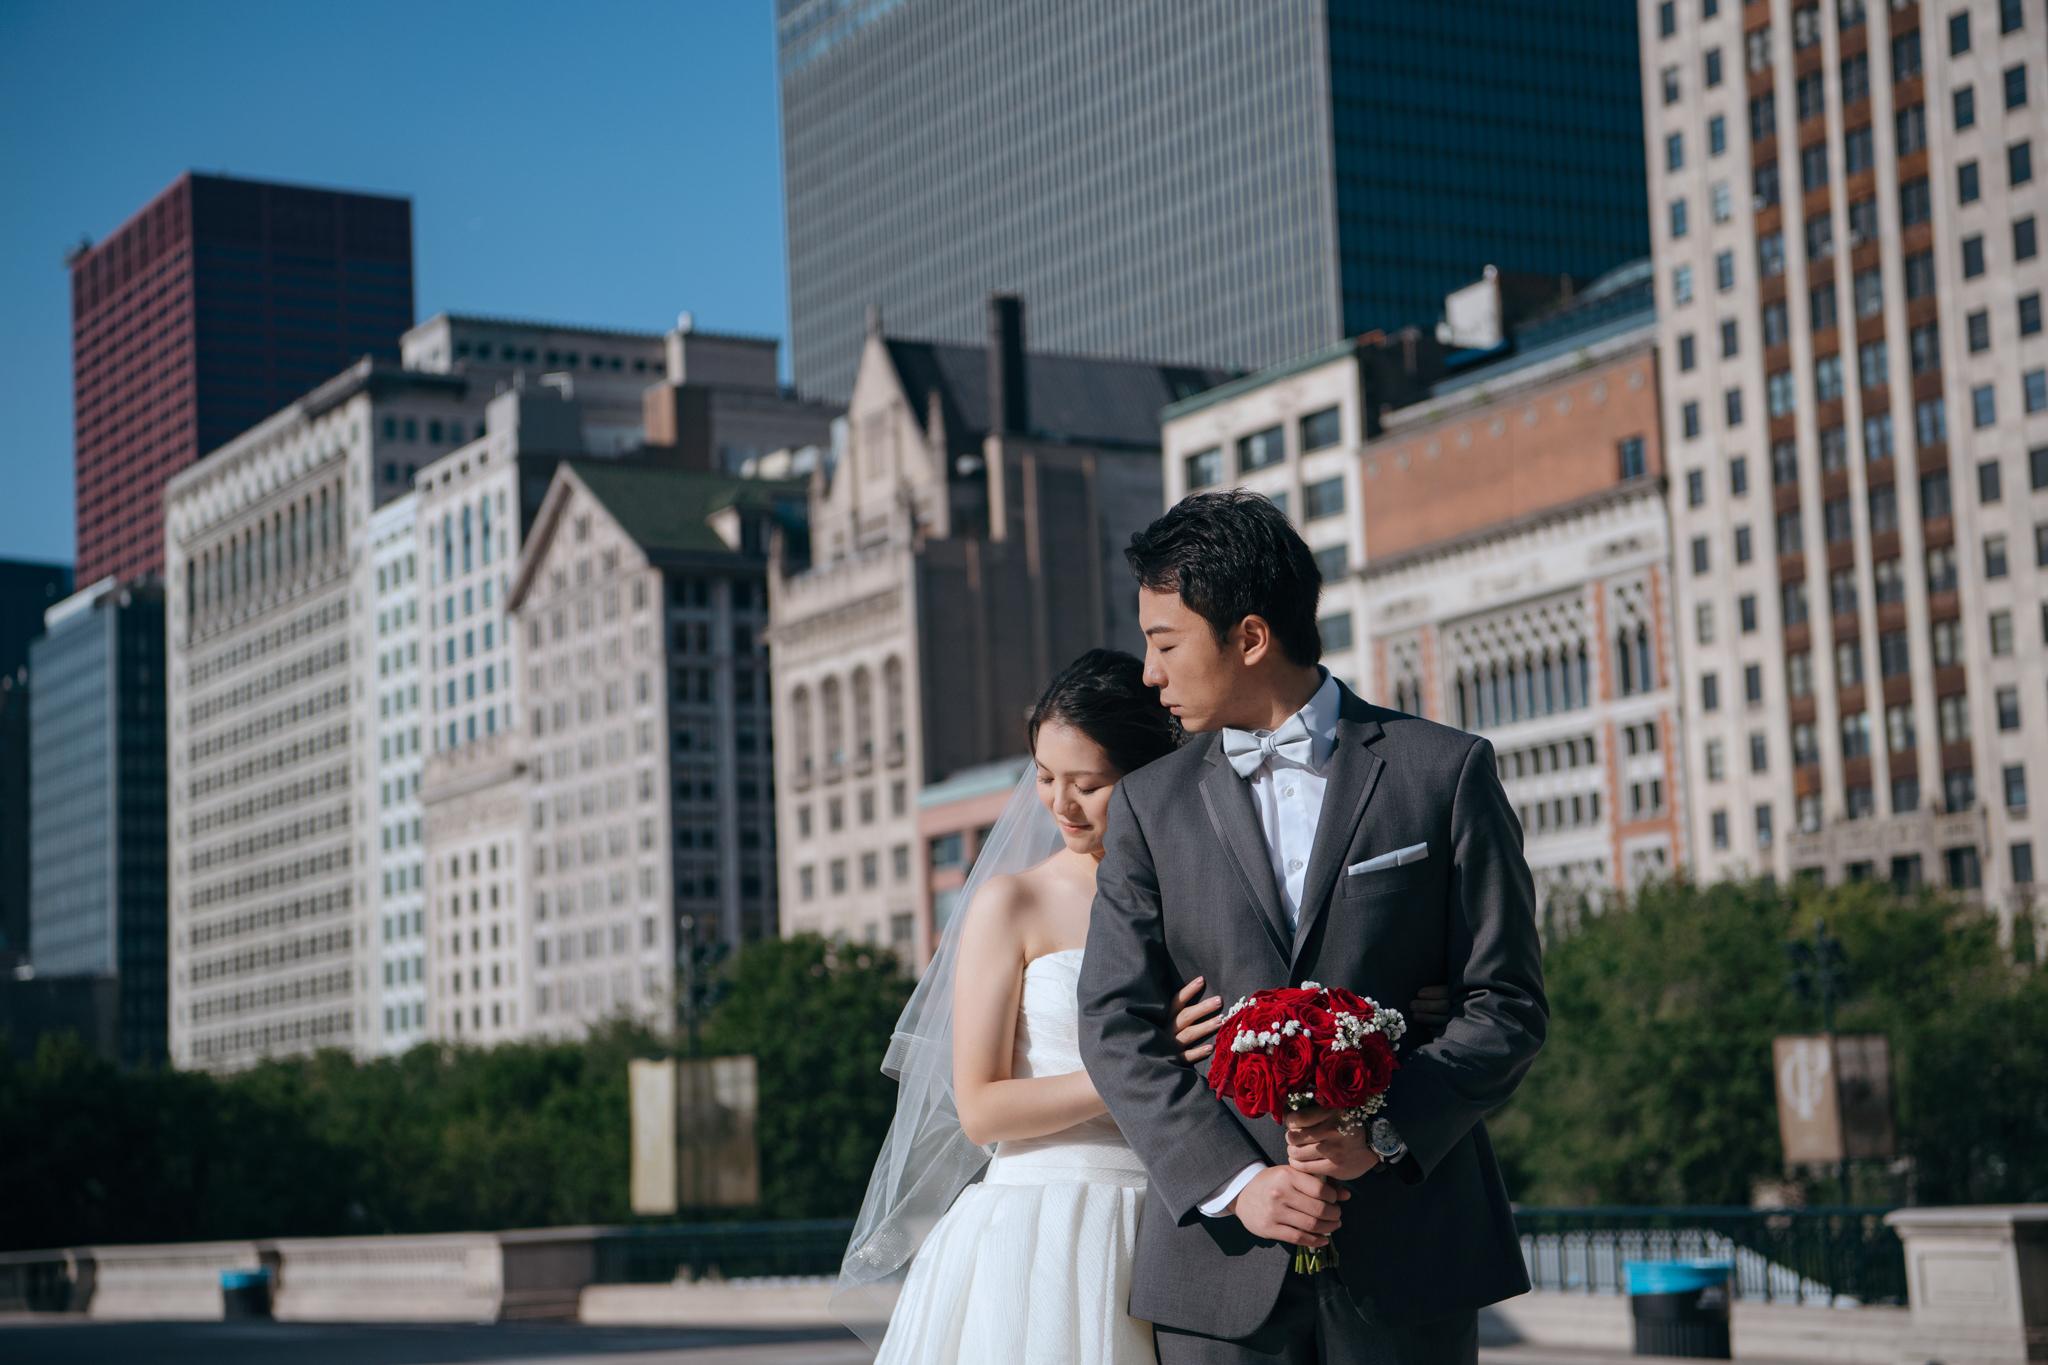 芝加哥婚紗, 海外婚紗, CHICAGO, EW, Donfer, 世界旅拍, 東法, 藝術婚紗, 芝加哥豆子